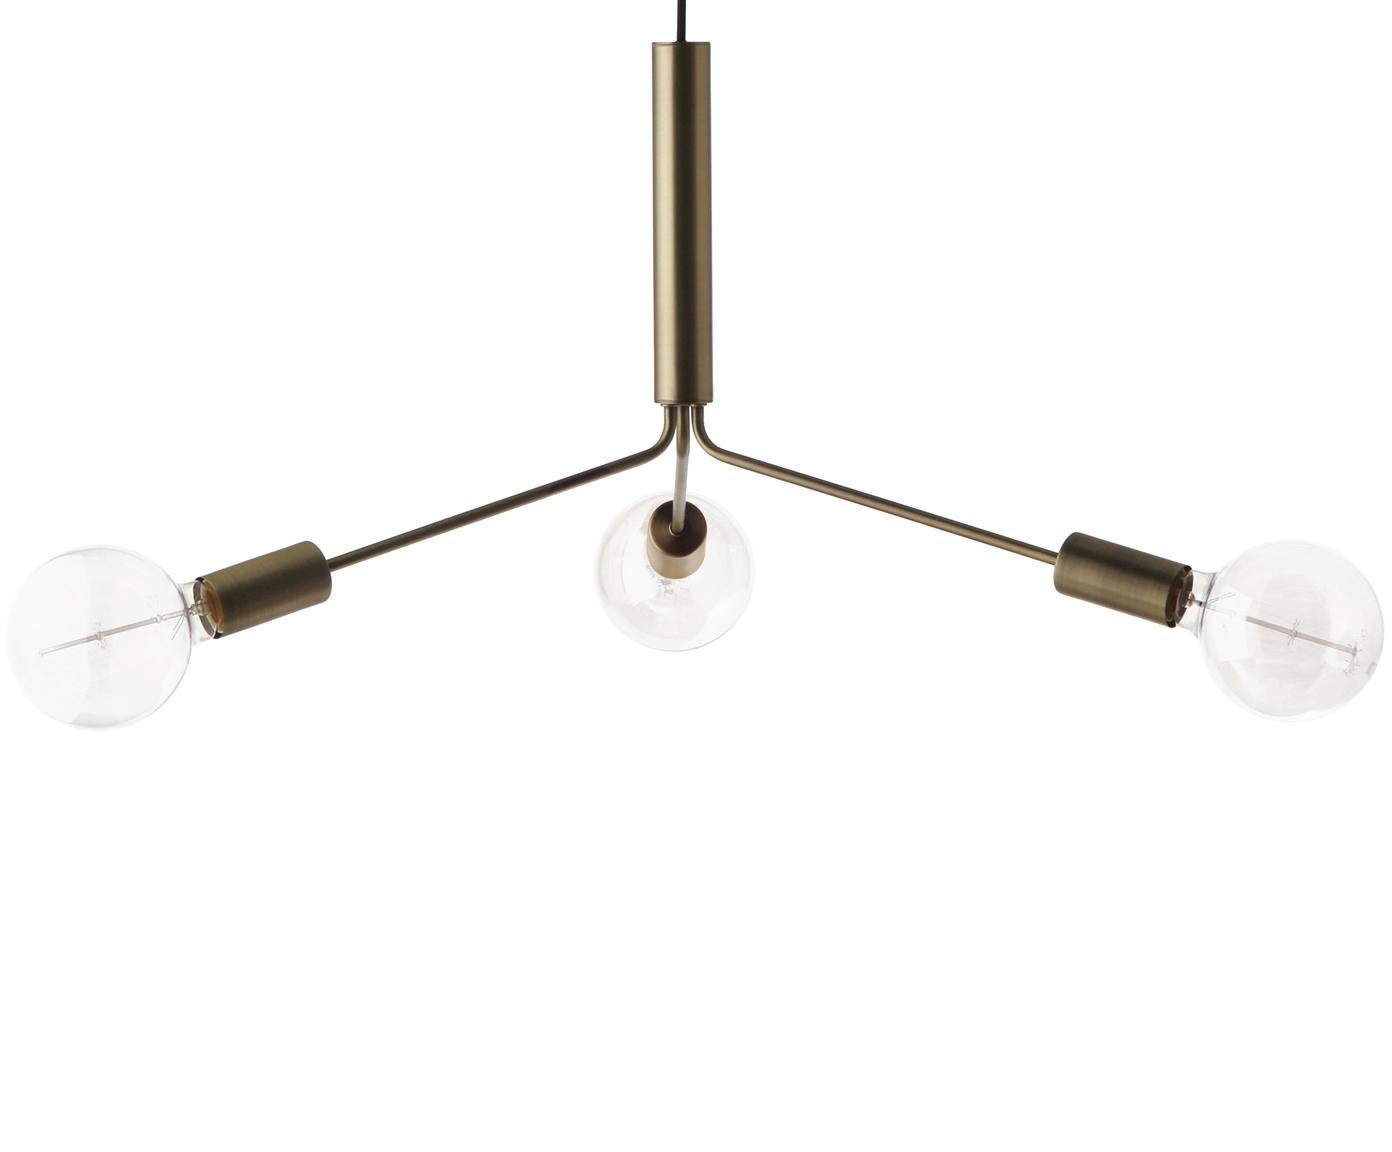 Lampada a sospensione Grand Metro, Metallo ottonato, Ottone opaco, Alt. 39 x Ø 78 cm